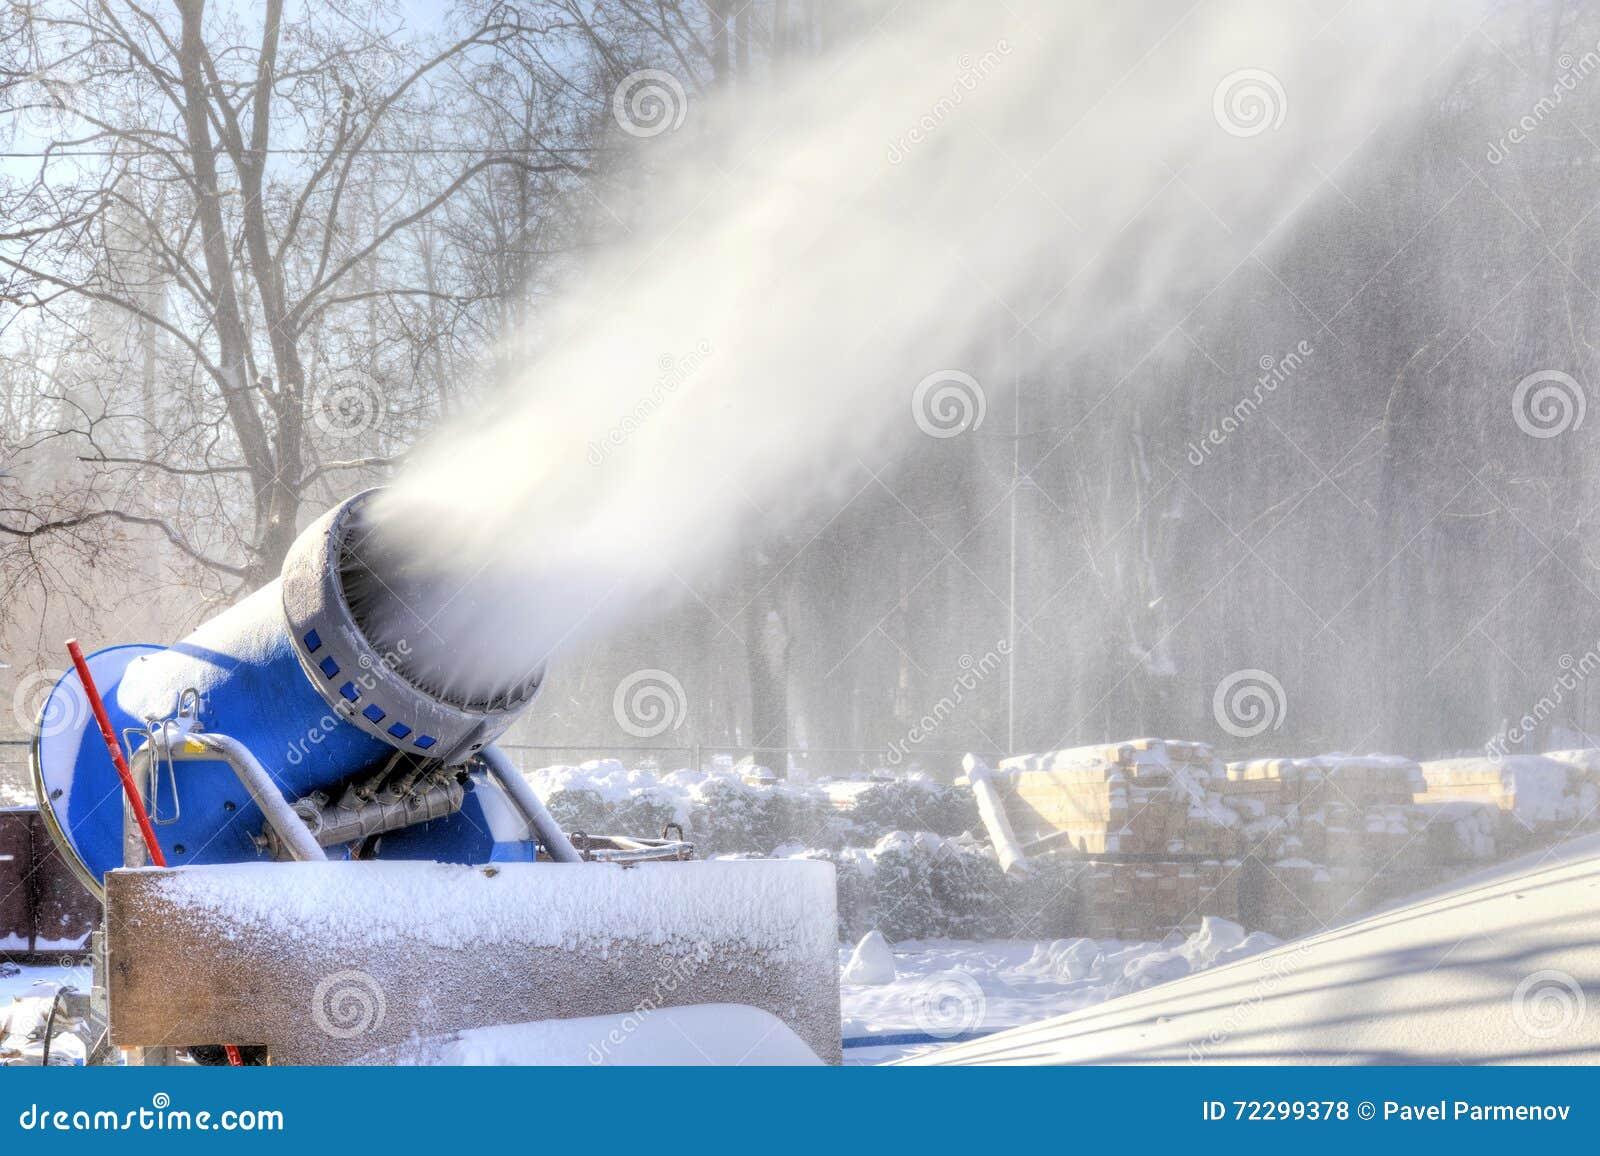 Download Оружие снега изготовляет искусственный снег Стоковое Фото - изображение насчитывающей сугроб, технология: 72299378